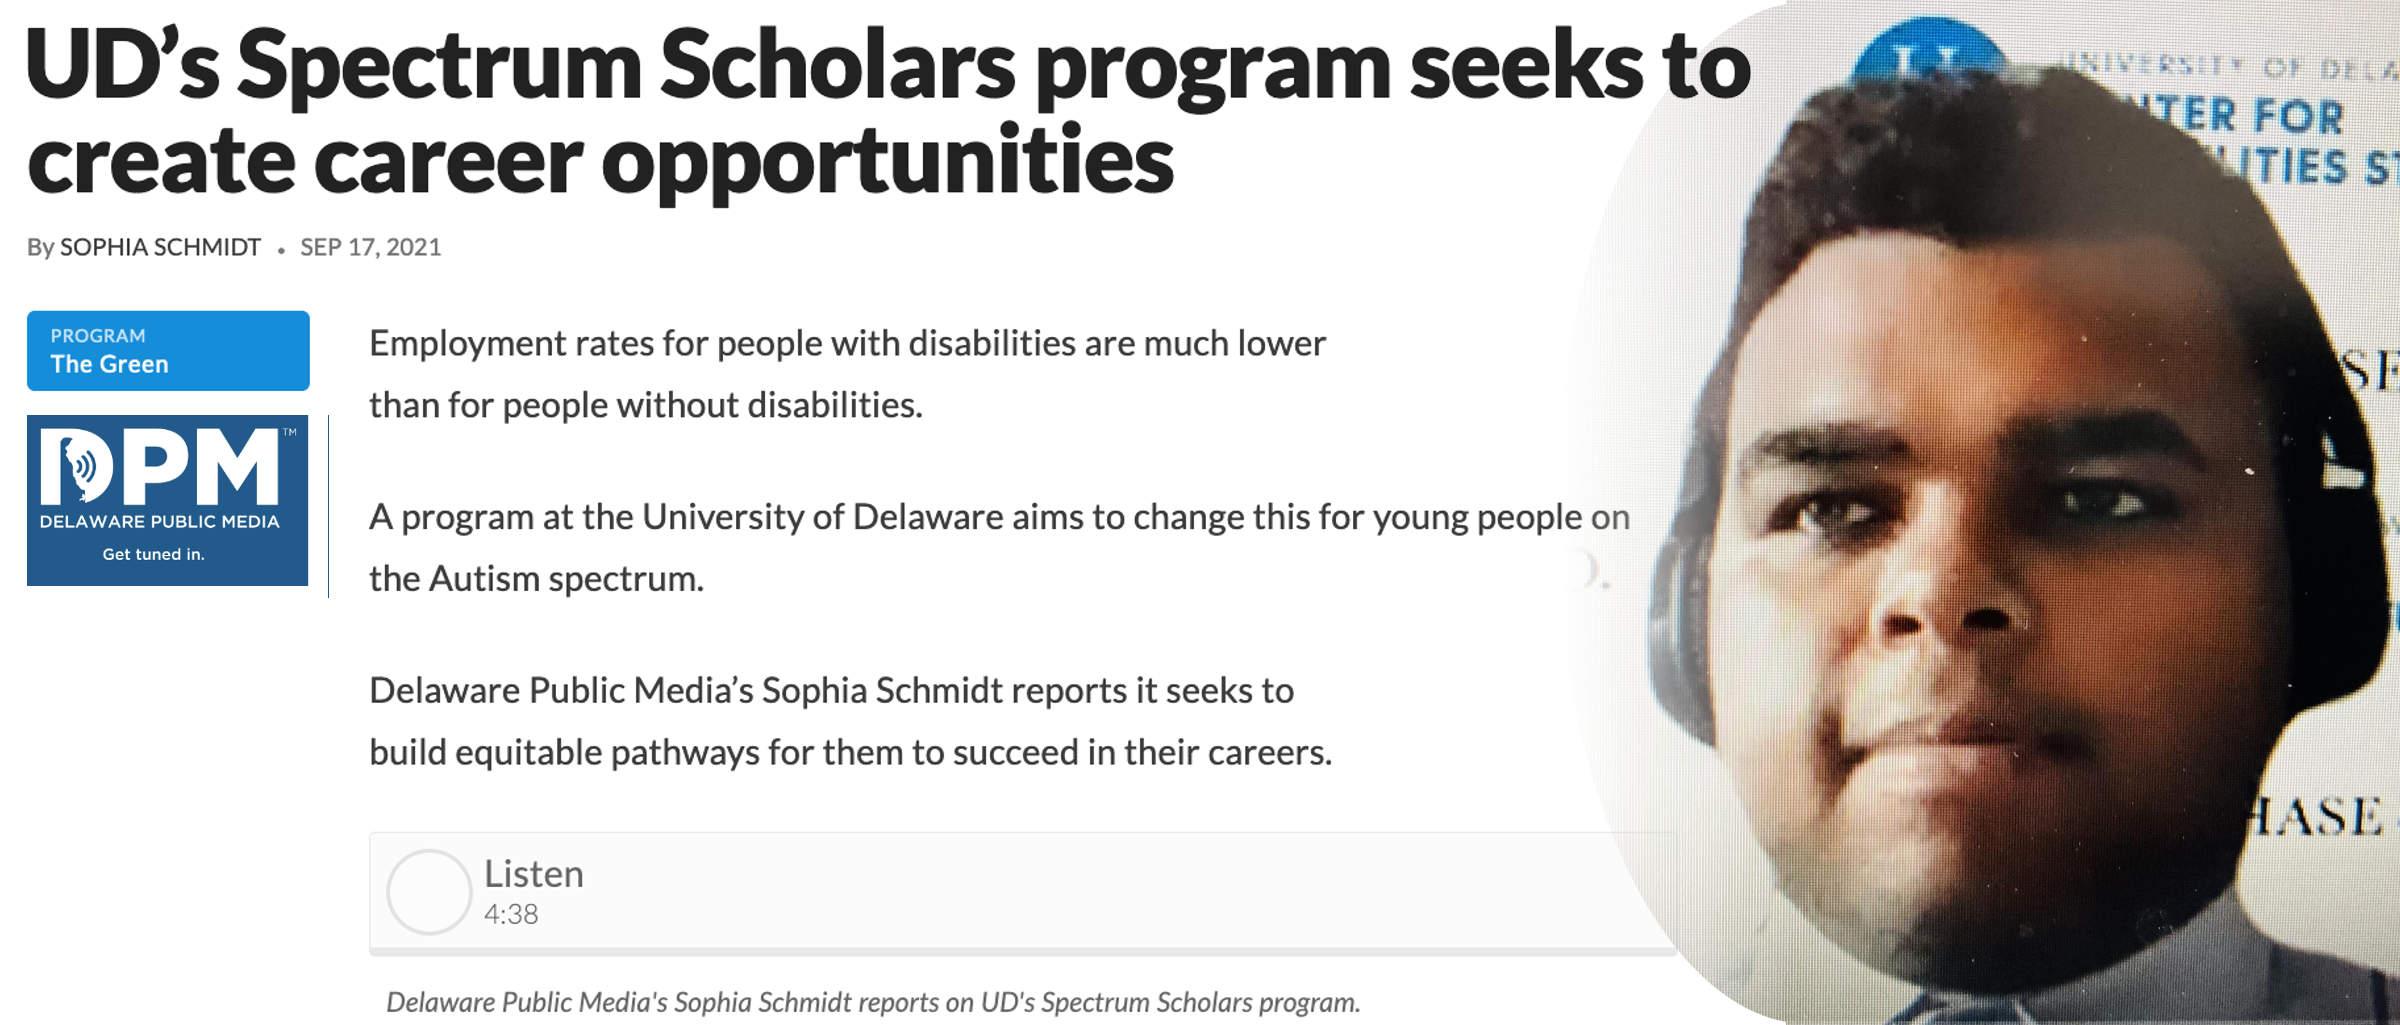 UD's Spectrum Scholars program seeks to create career opportunities